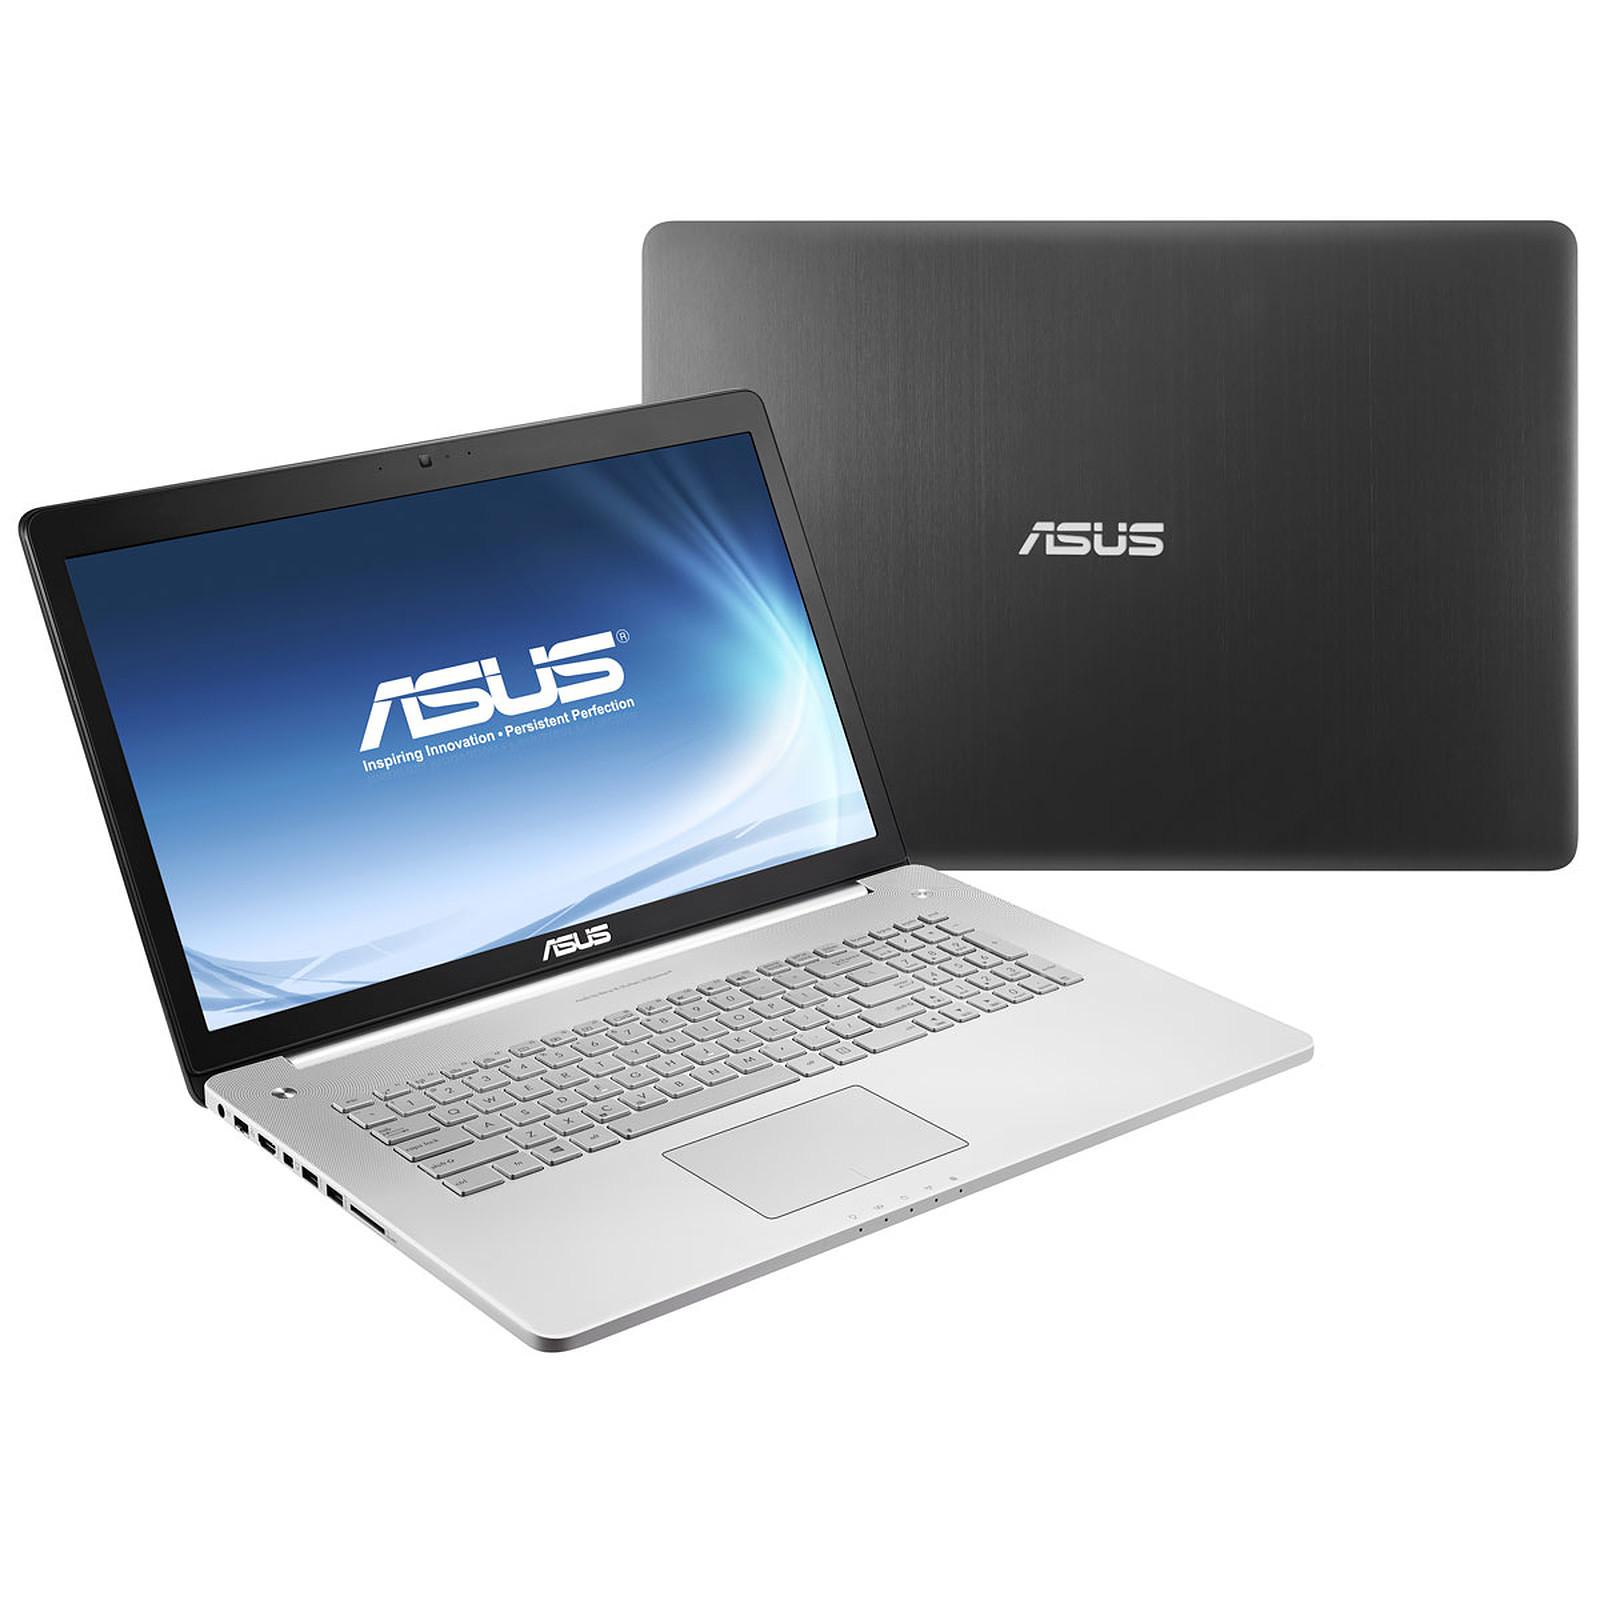 ASUS N750JV-T4123H